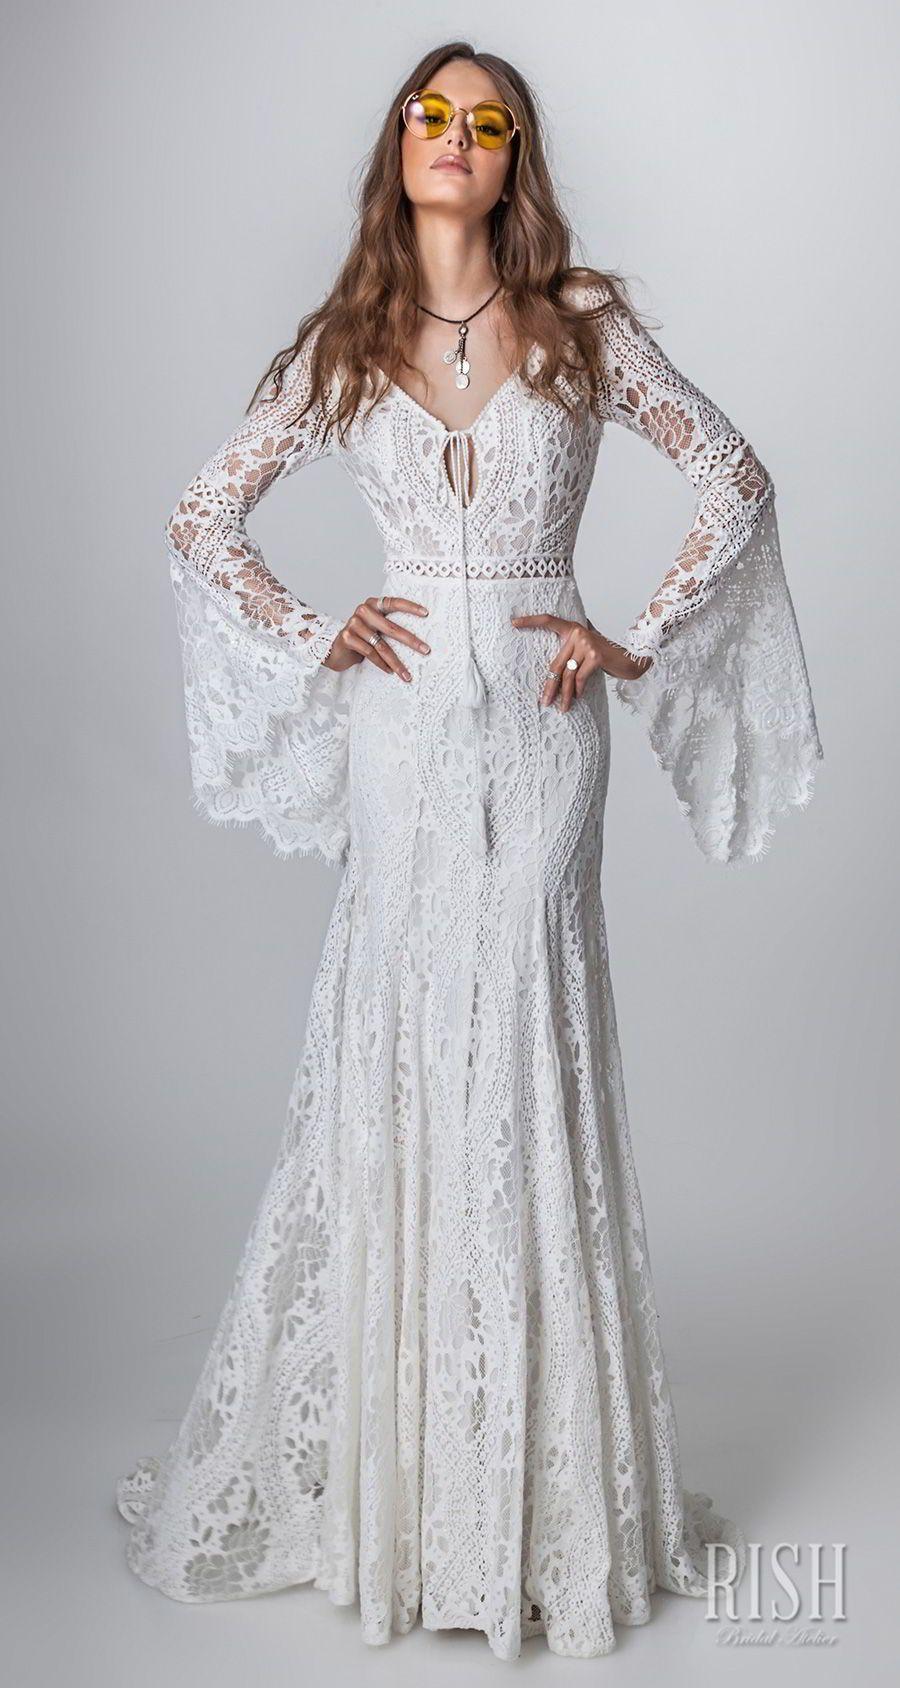 Rish bridal sun dance long bell sleeves v neck full